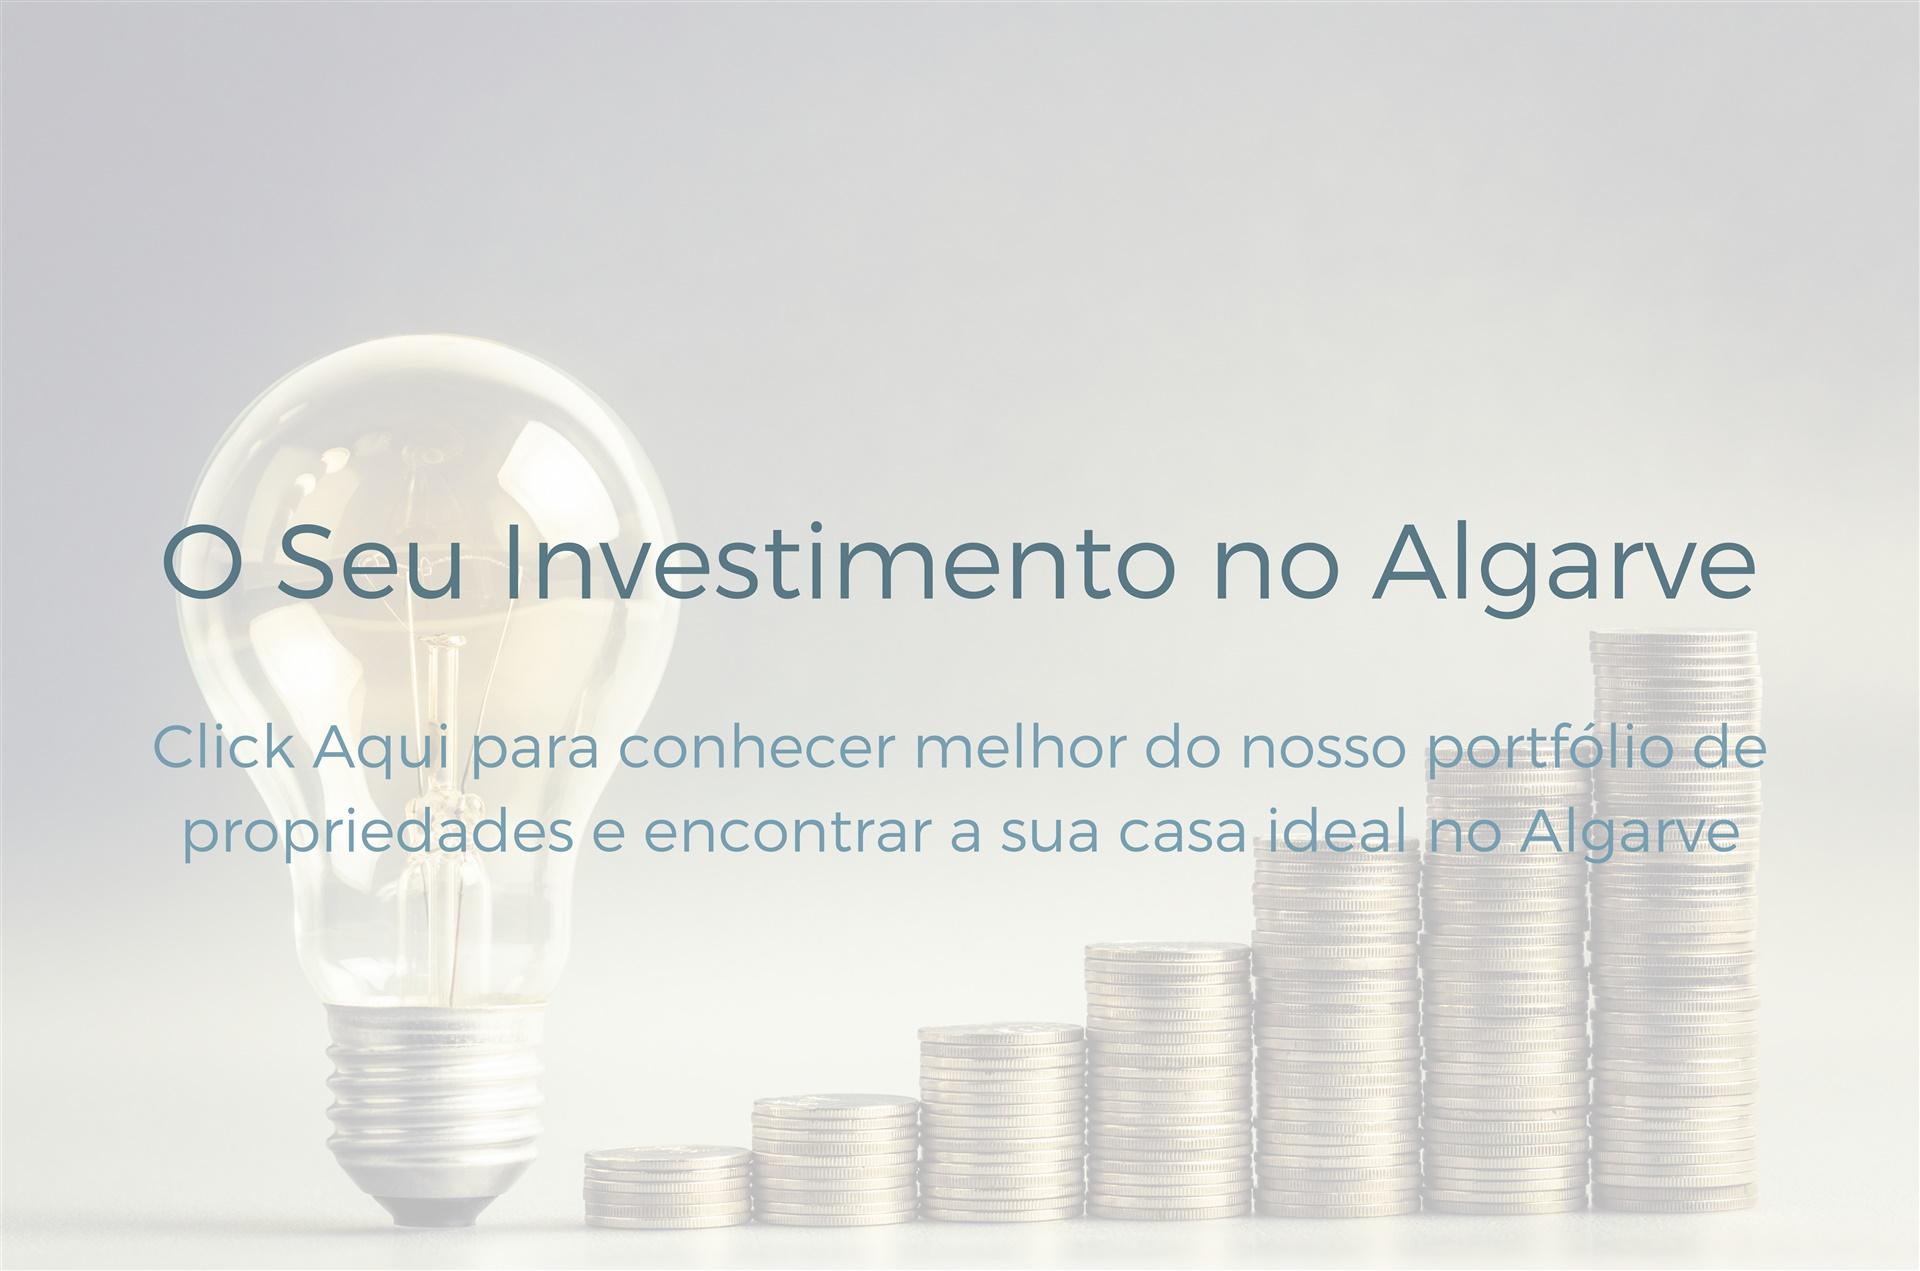 Investir no Algarve